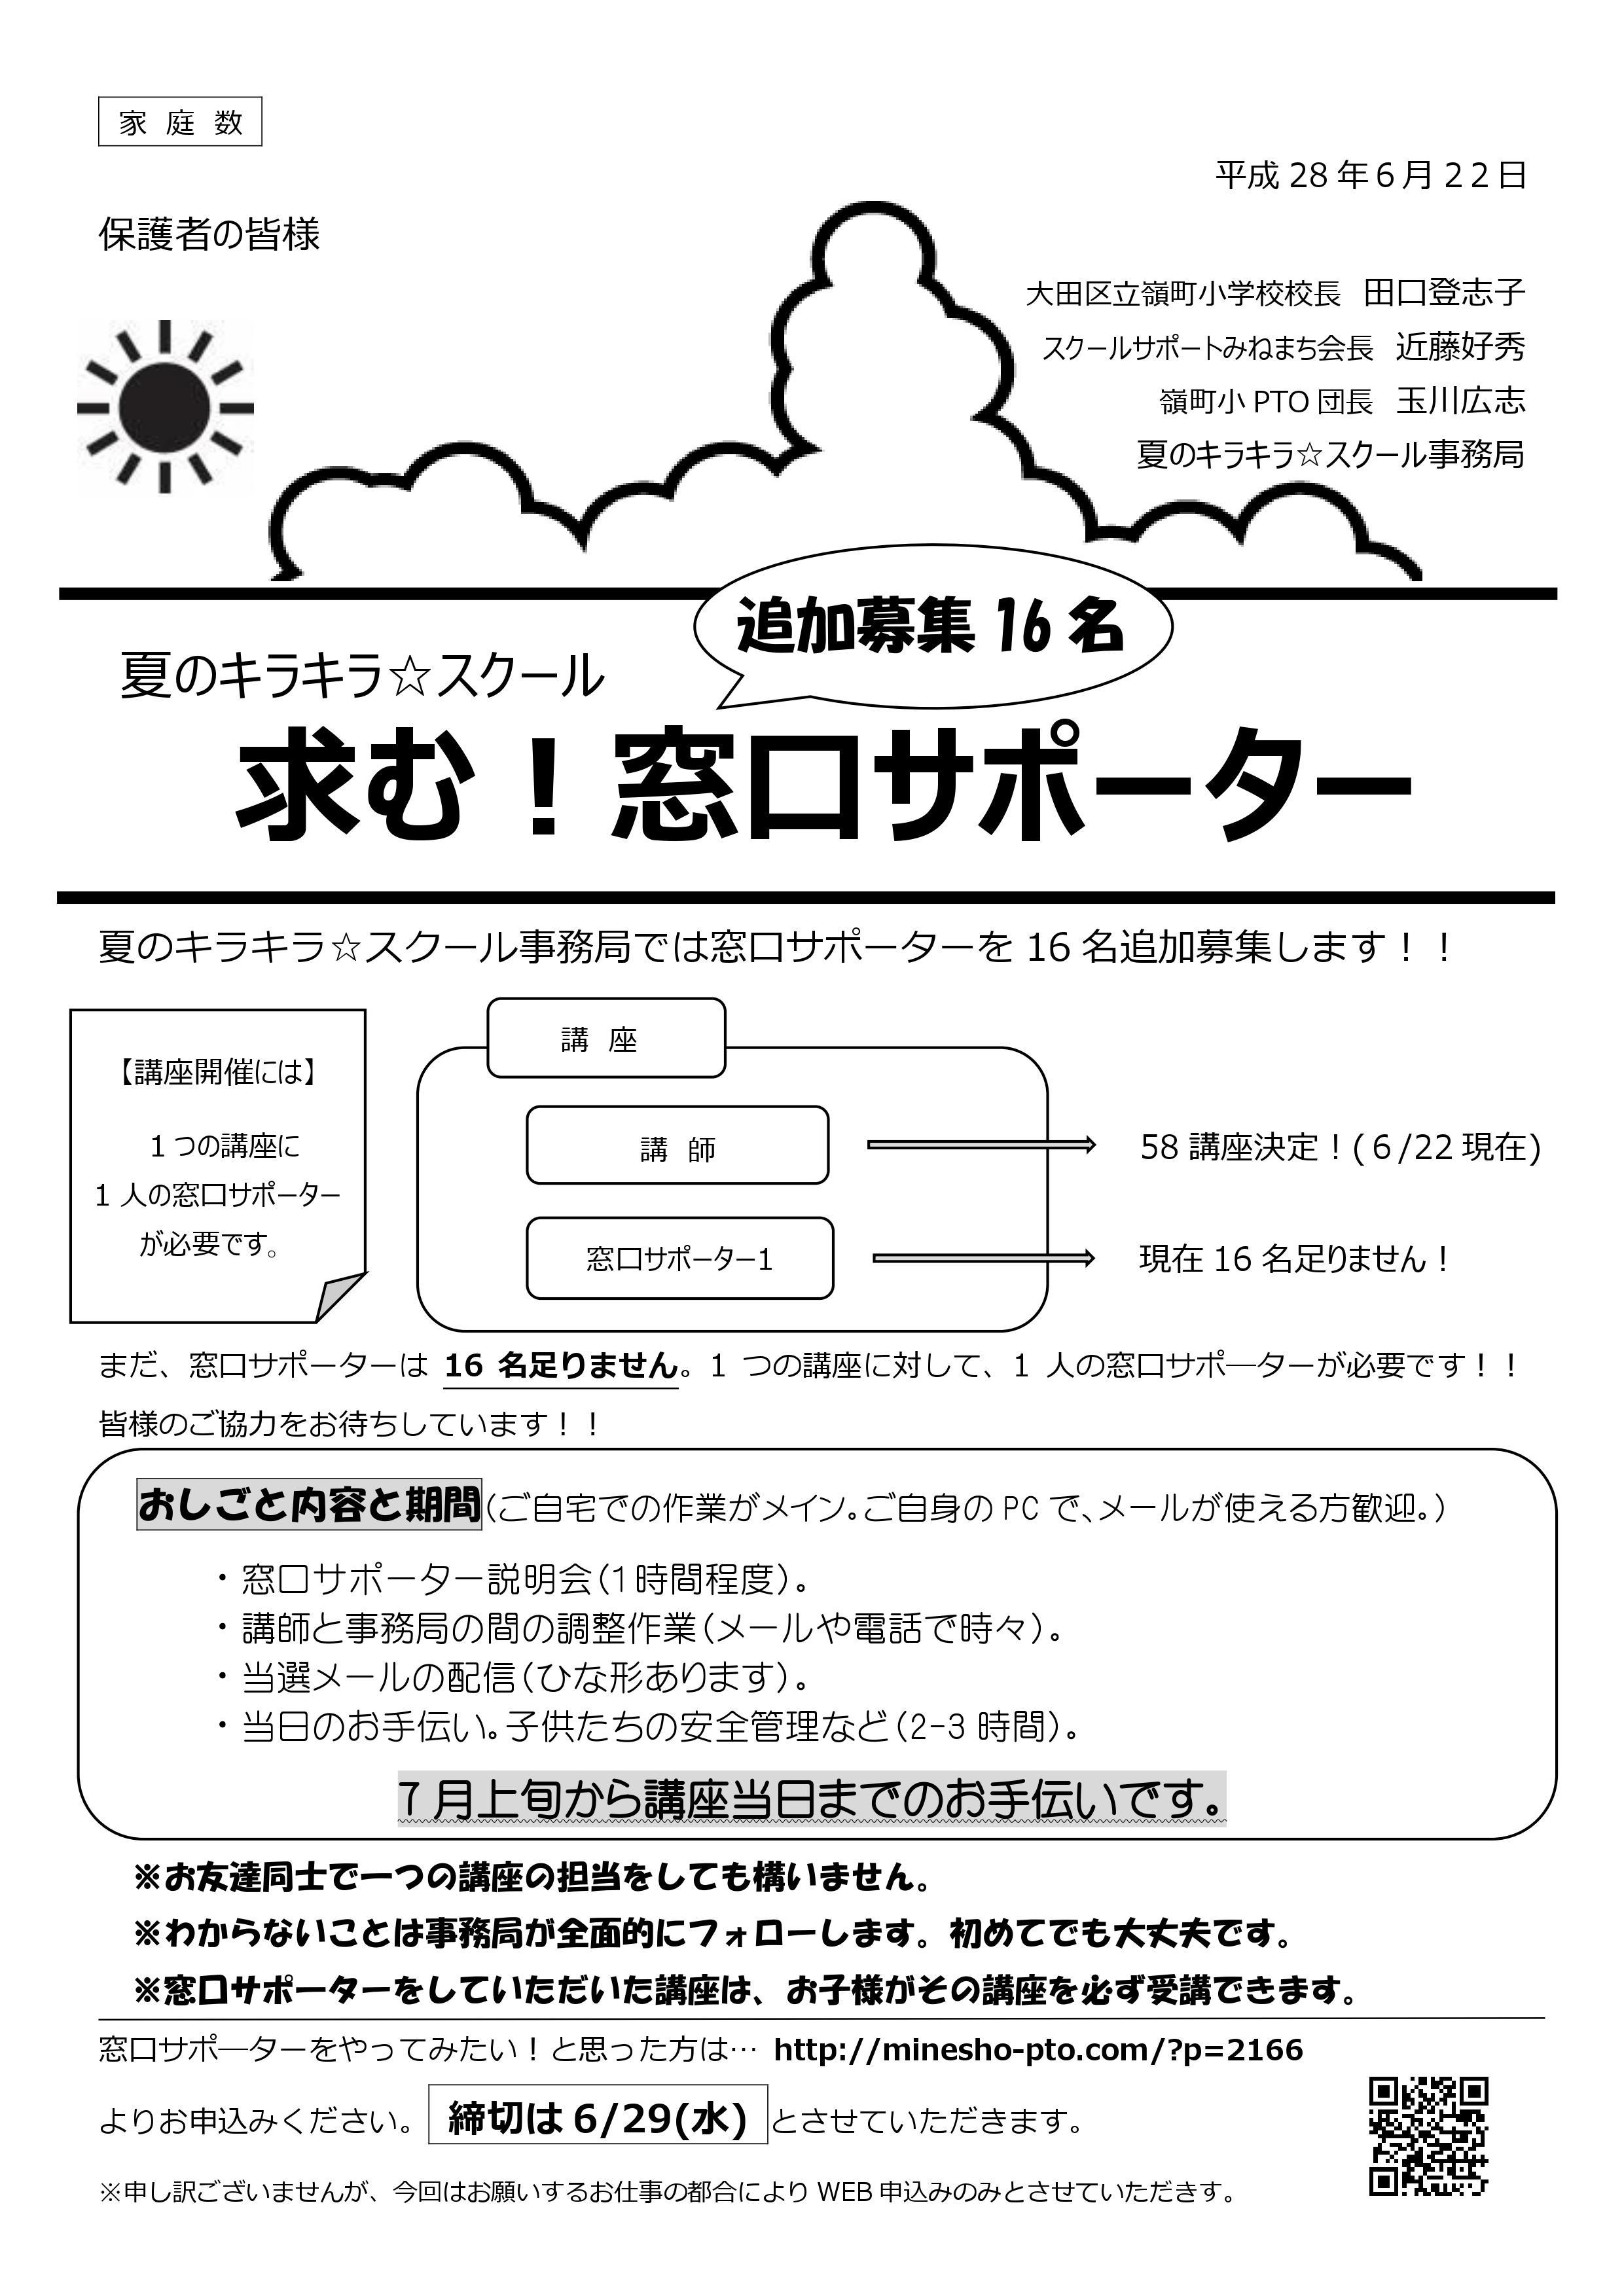 2016_natsu_kira_supporter